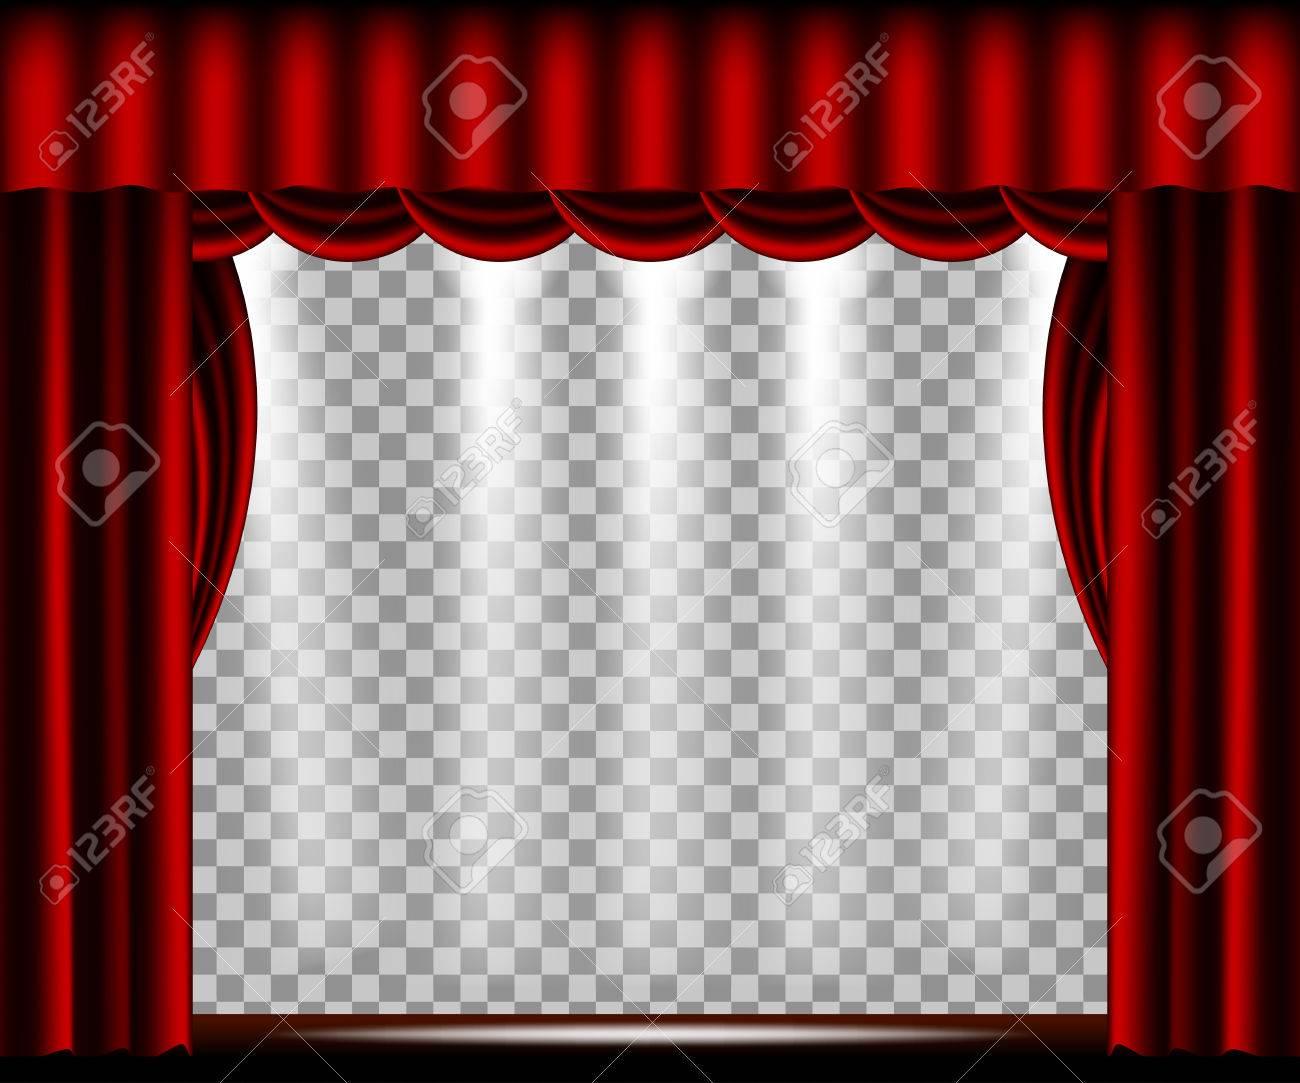 scene de theatre avec rideau rouge projecteurs lumieres et un fond transparent vector illustration